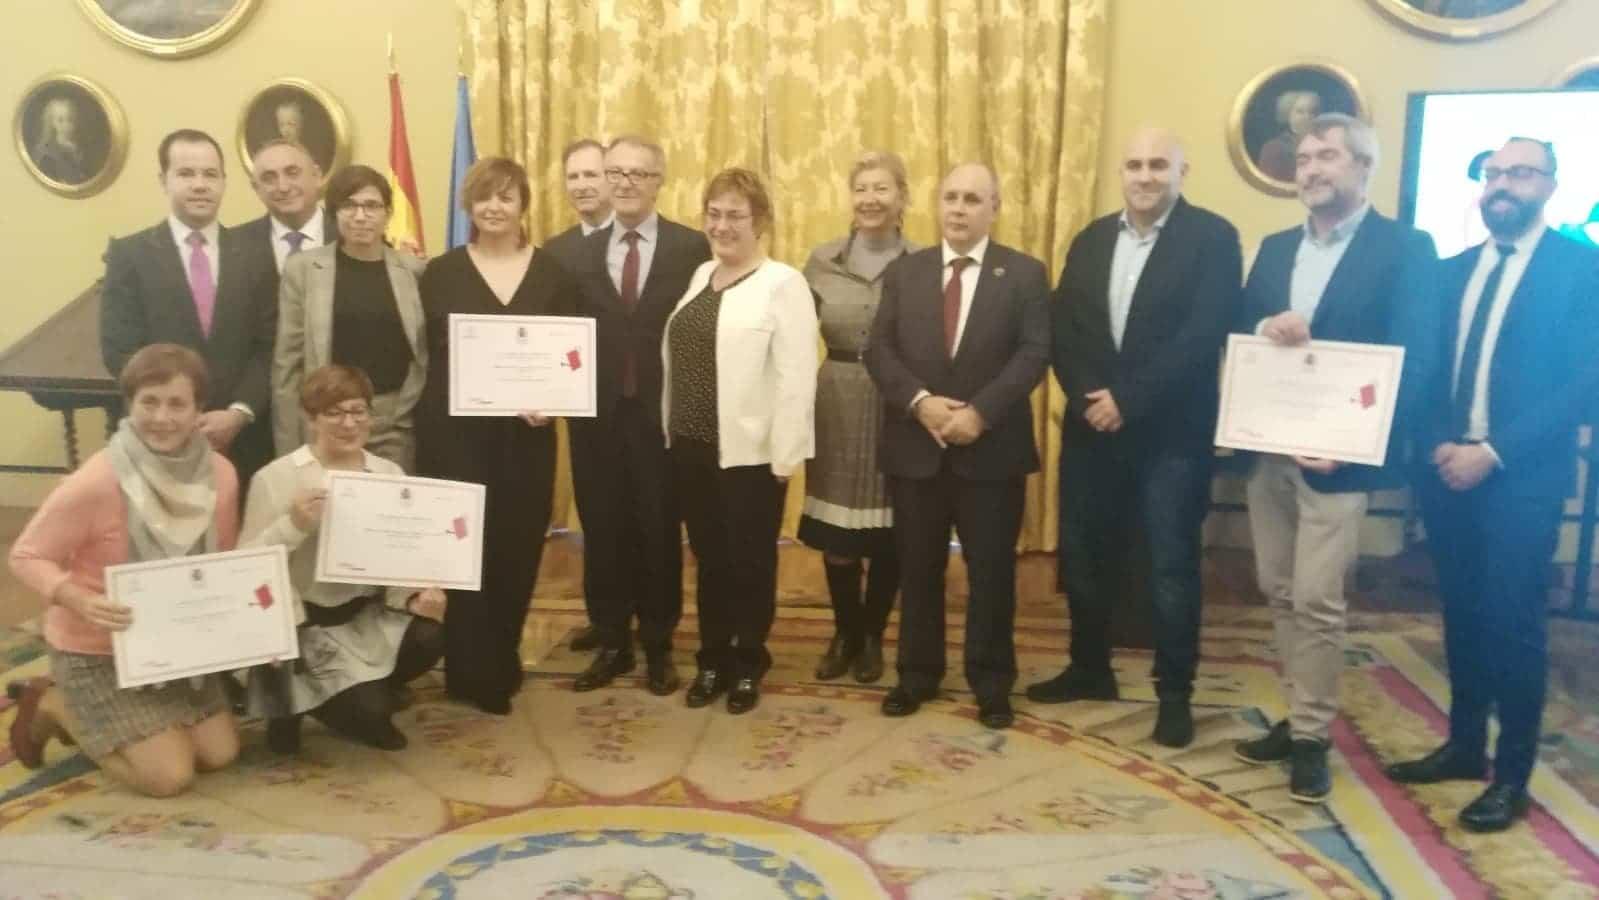 premio maria moliner biblioteca cervantes herencia 3 - La Biblioteca Pública Miguel de Cervantes recibe el premio María Moliner